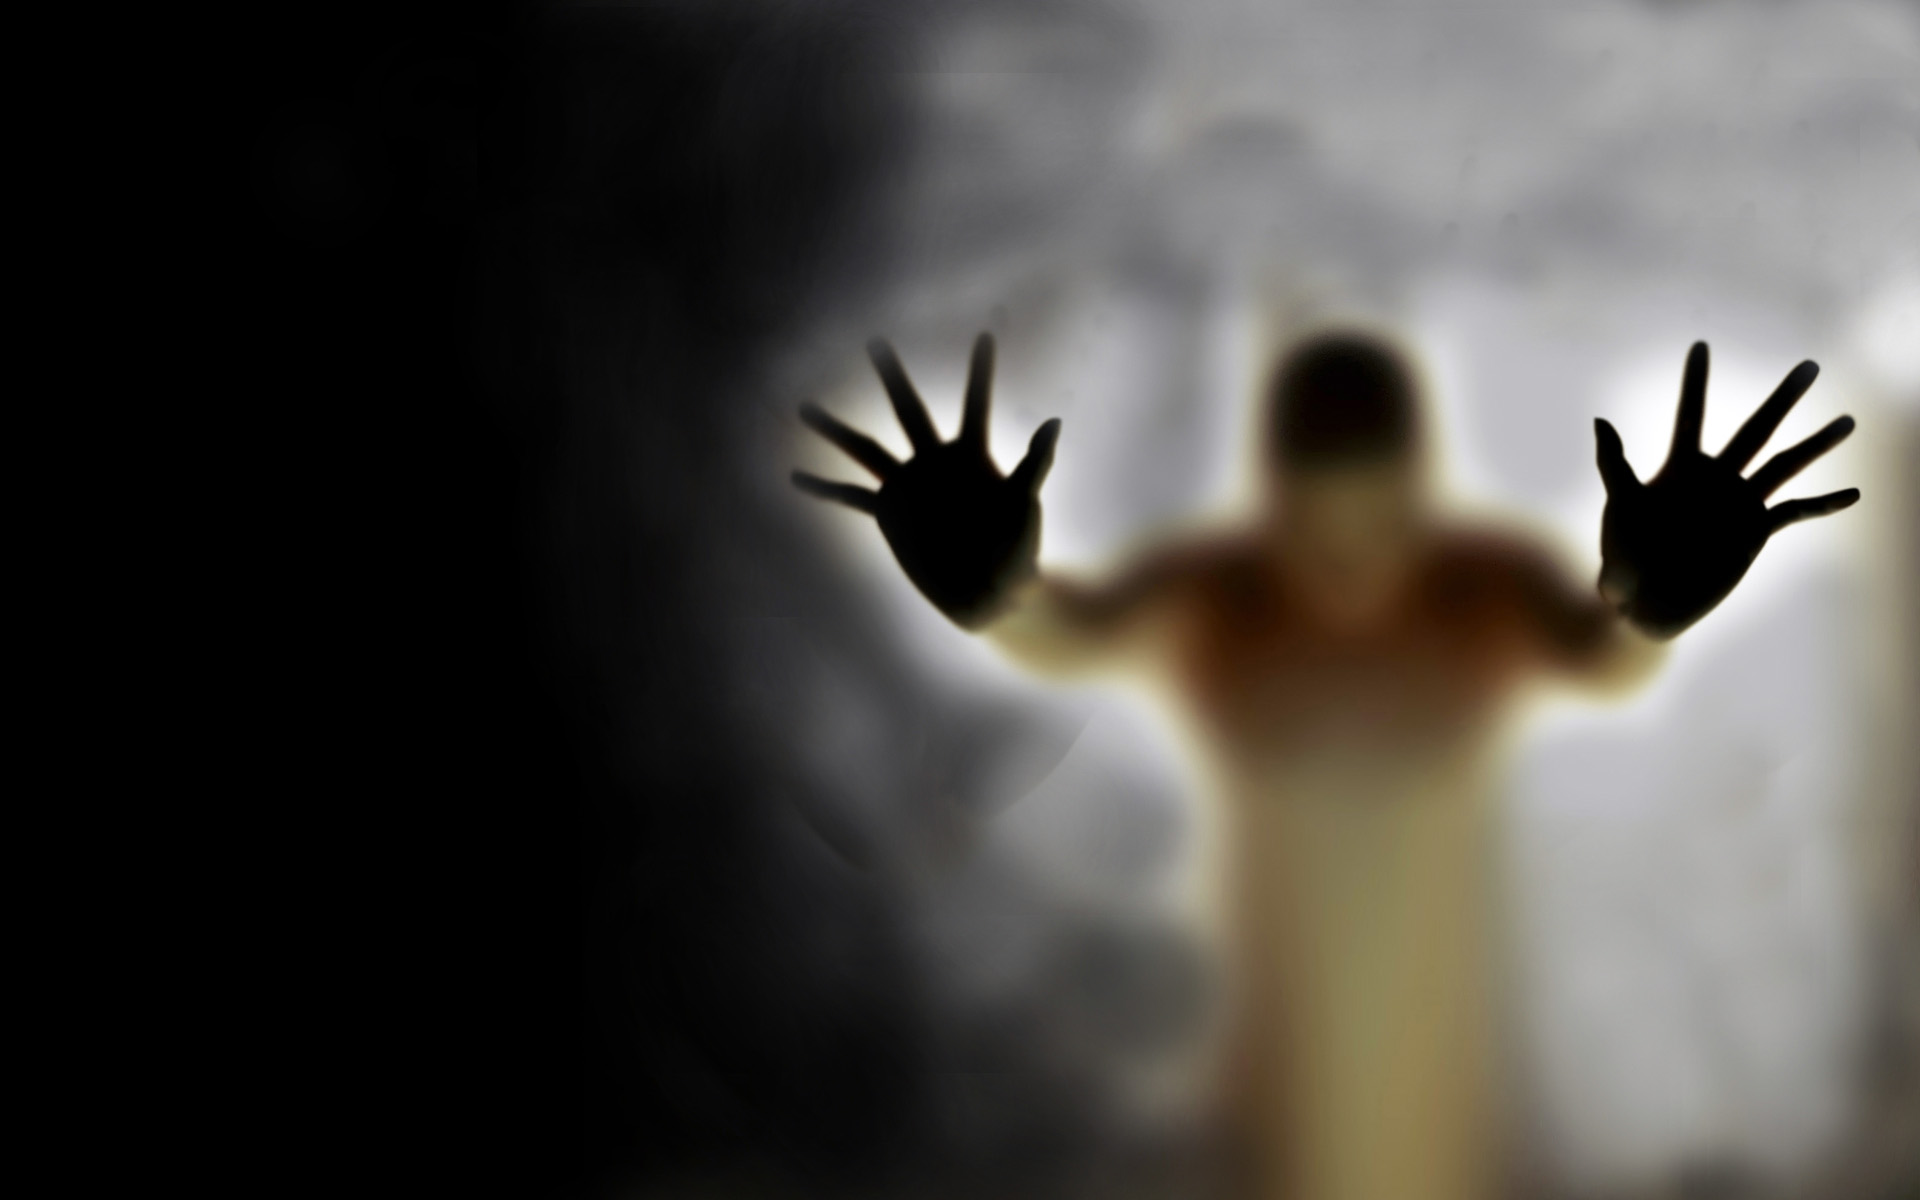 5 historias de miedo para aterrorizar a los profesionales de la comunicación